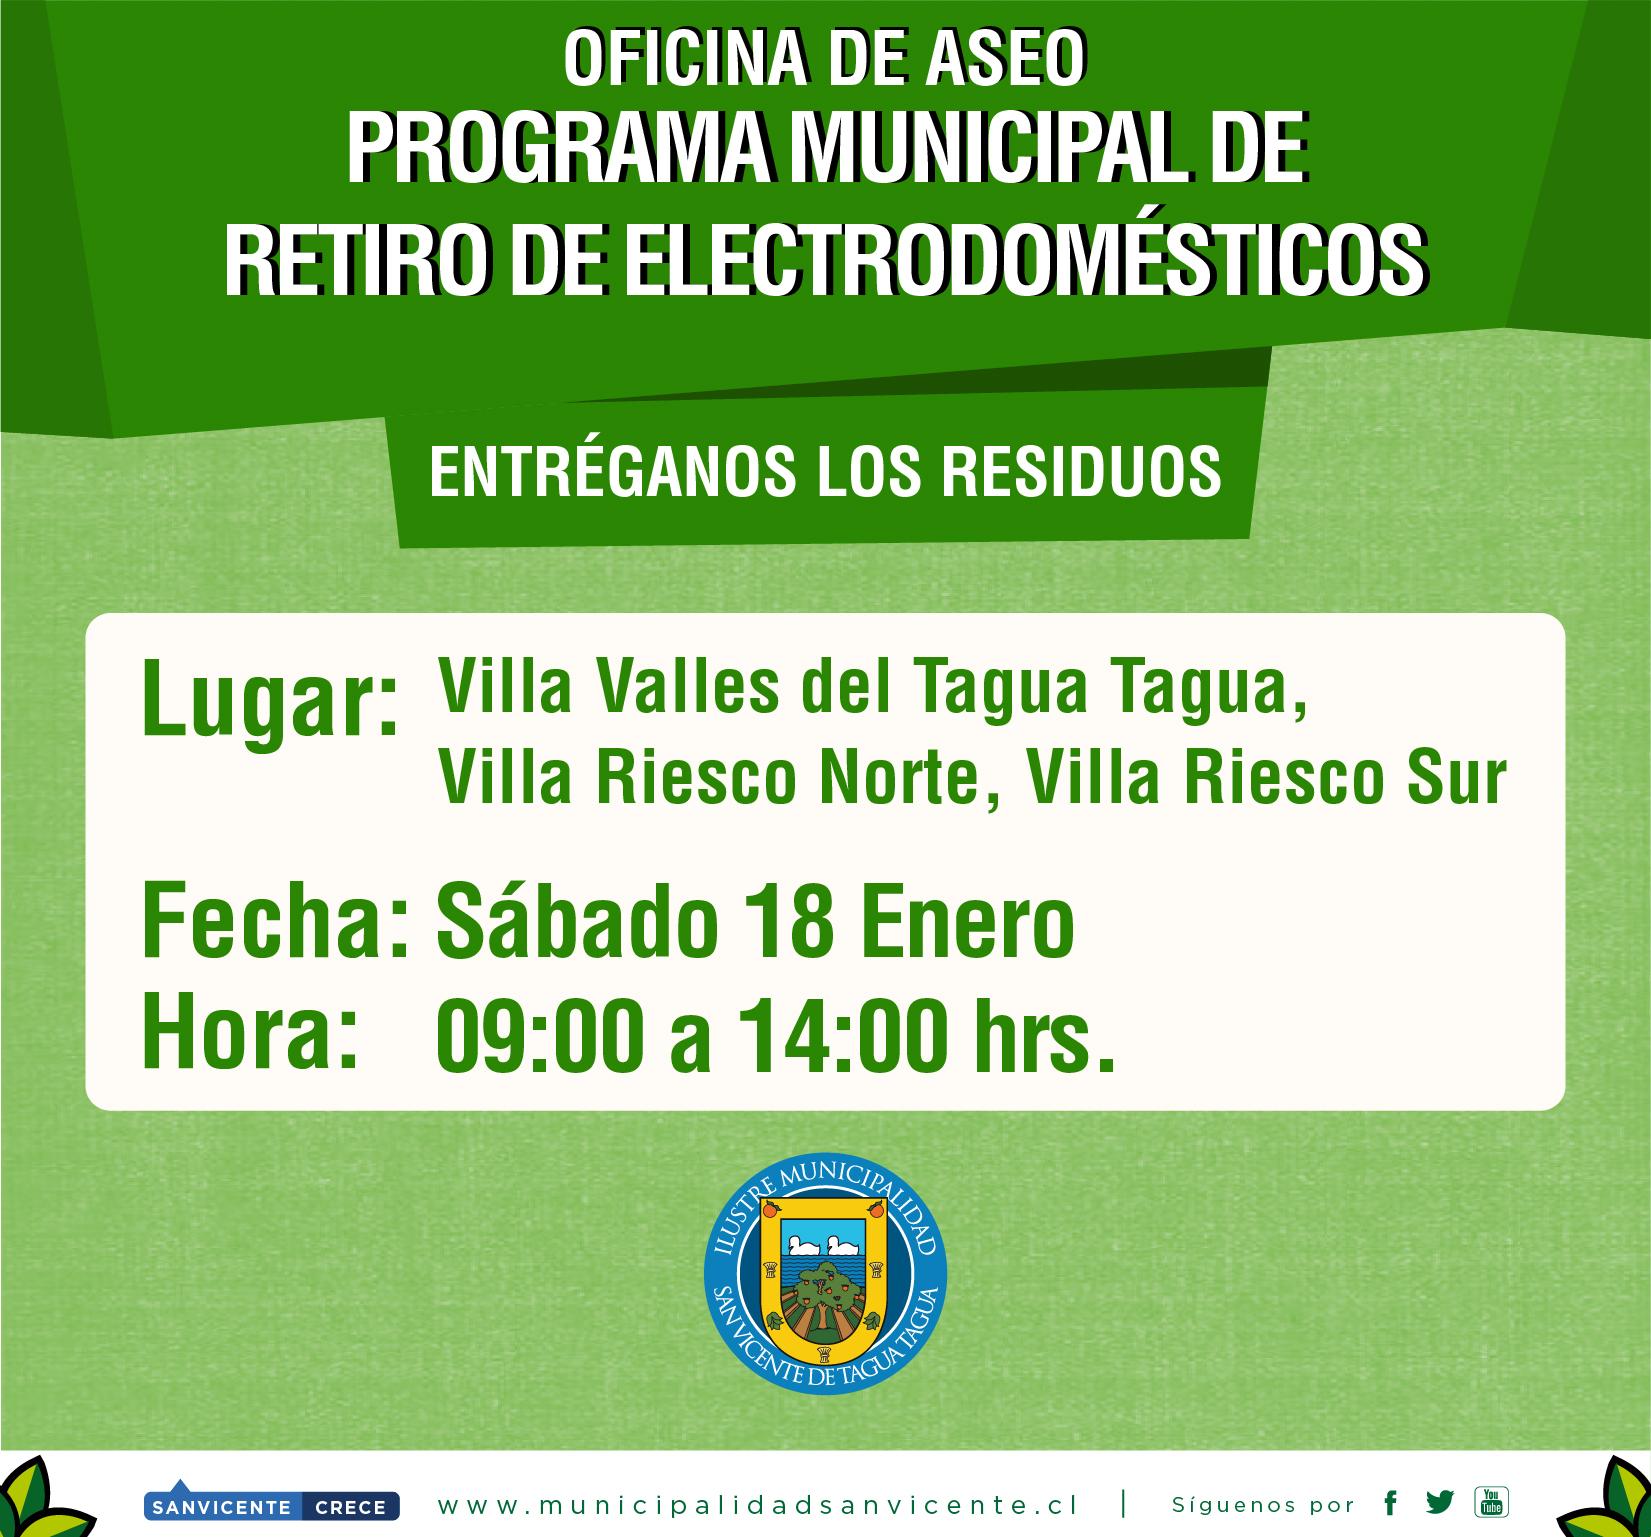 PROGRAMA MUNICIPAL DE RETIRO DE ELECTRODOMÉSTICOS Y MATERIAL RECICLABLE 2020